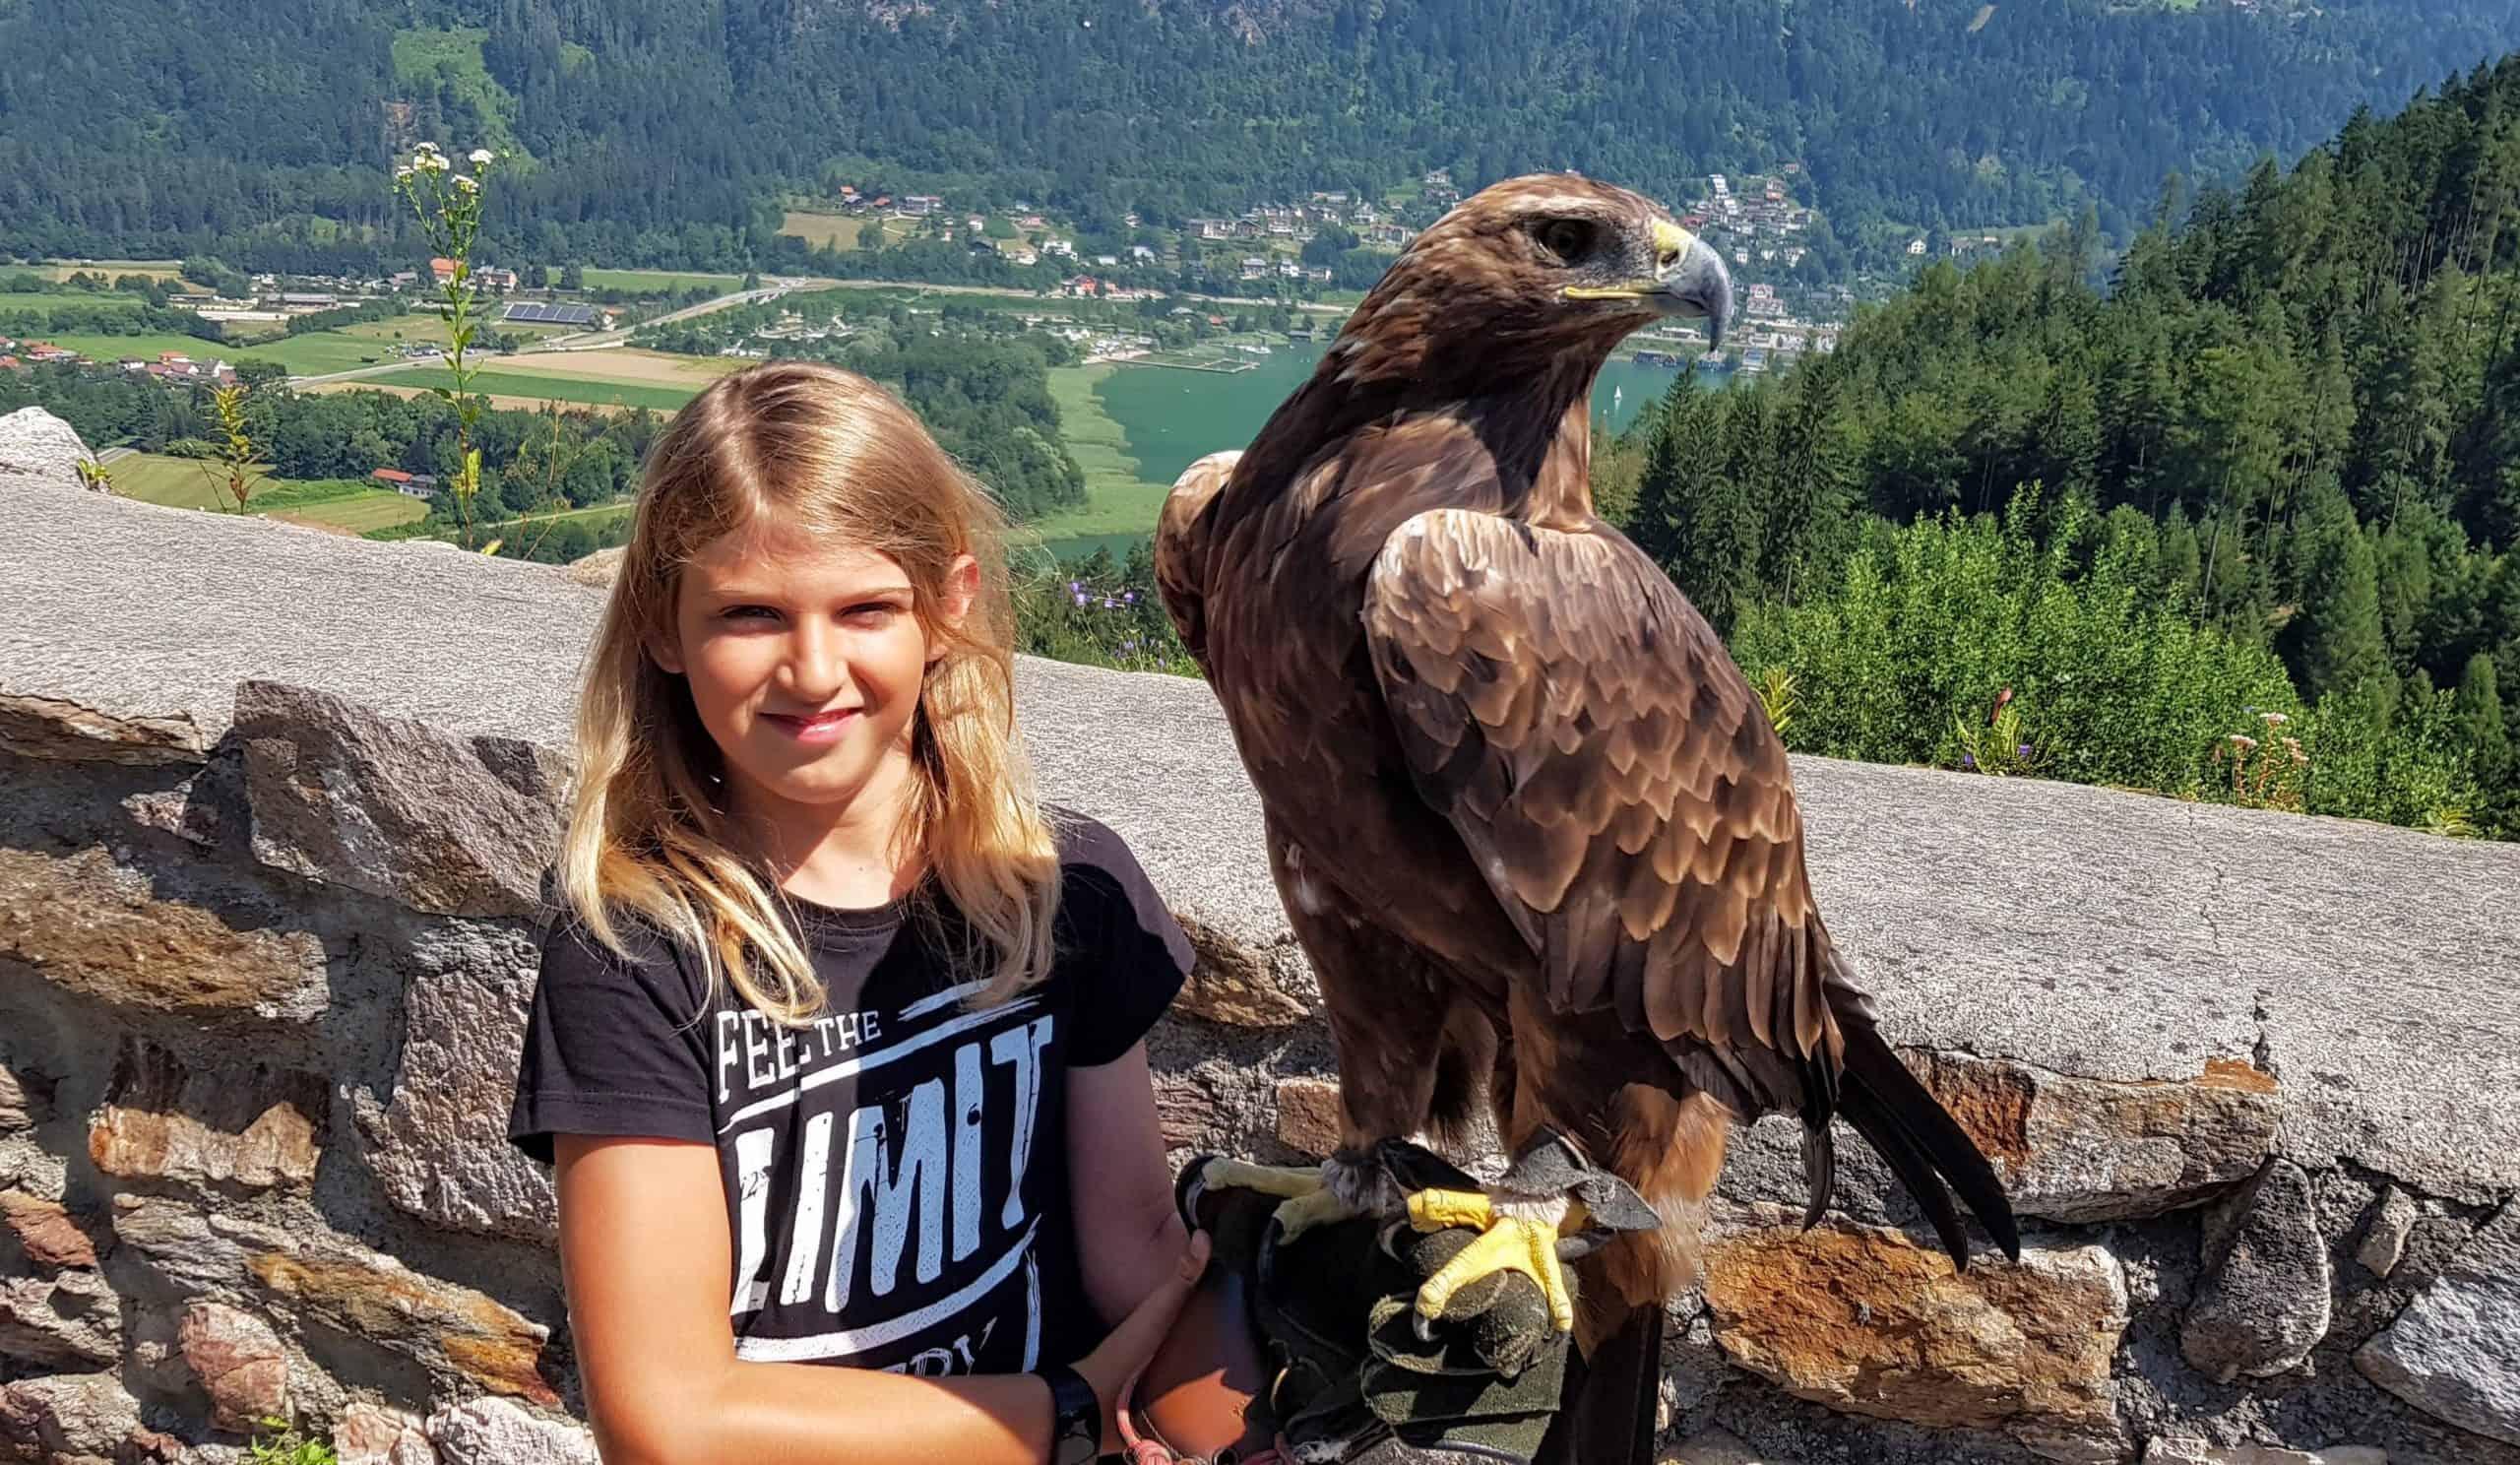 Kind mit Adler in der Adlerarena Burg Landskron am Ossiacher See - Ausflugsziel & Sehenswürdigkeit in Kärnten, Österreich